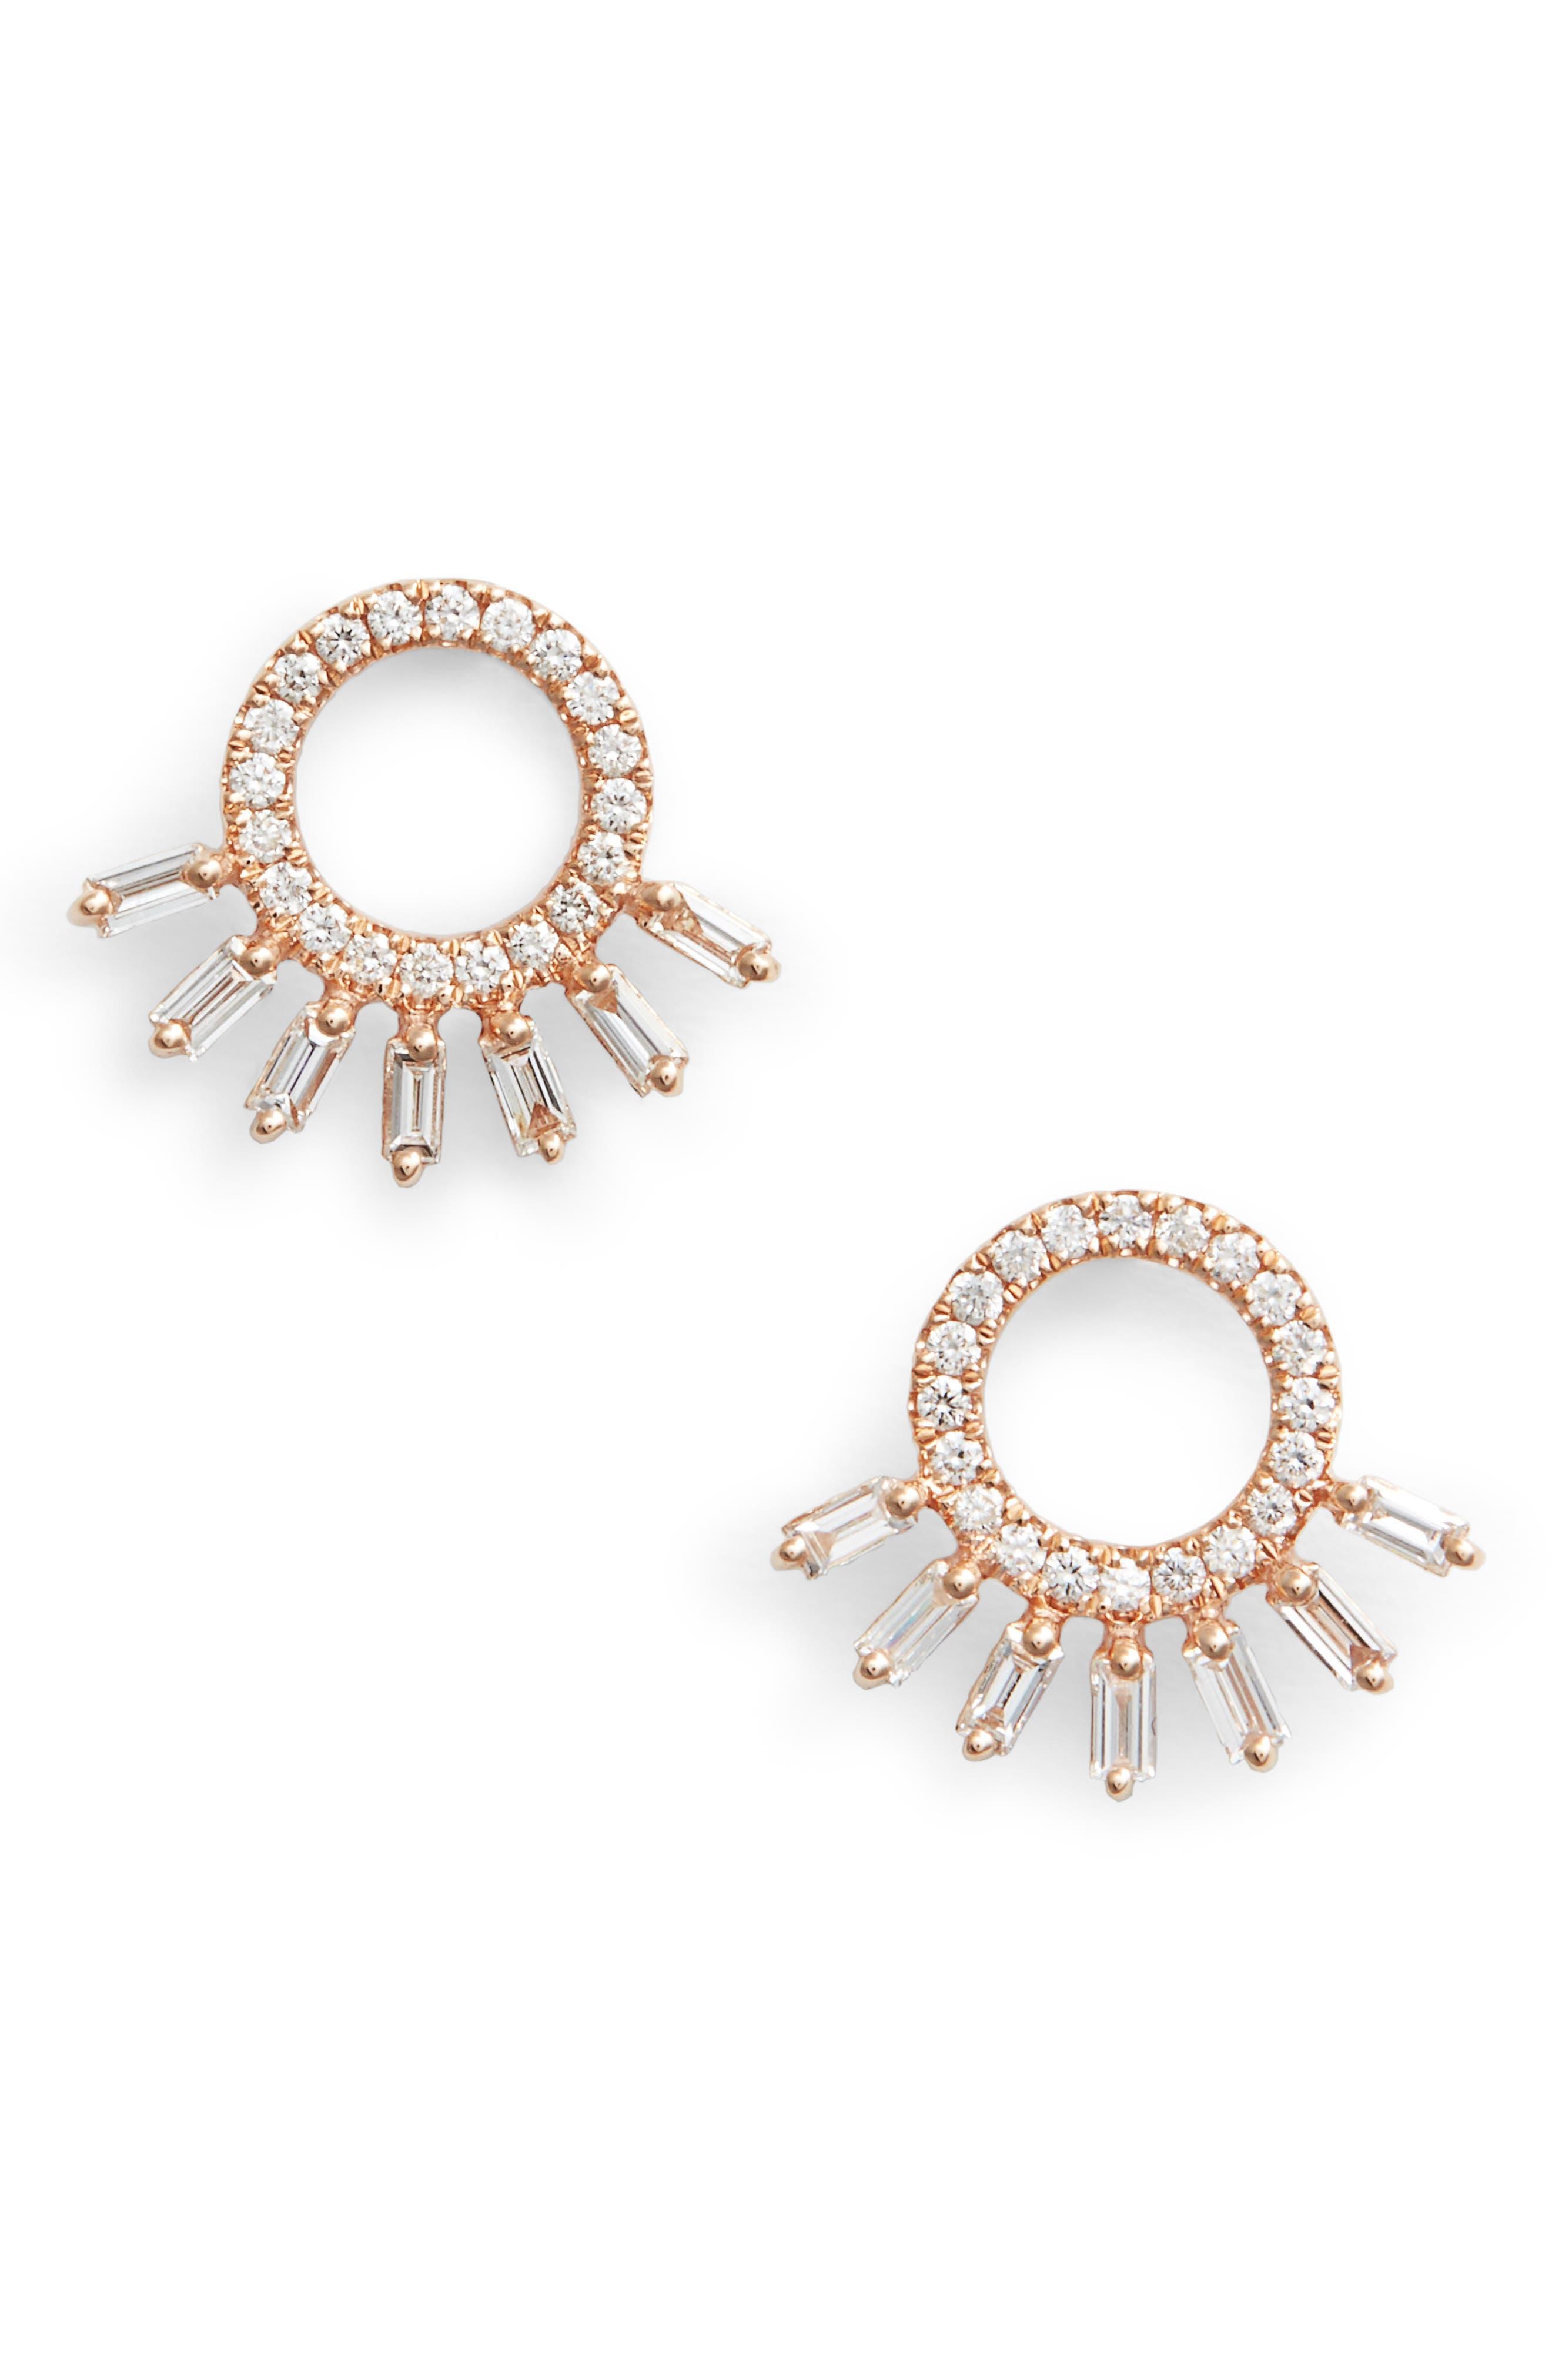 DANA REBECCA DESIGNS, Dana Rebecca Sadie Starburst Stud Earrings, Main thumbnail 1, color, ROSE GOLD